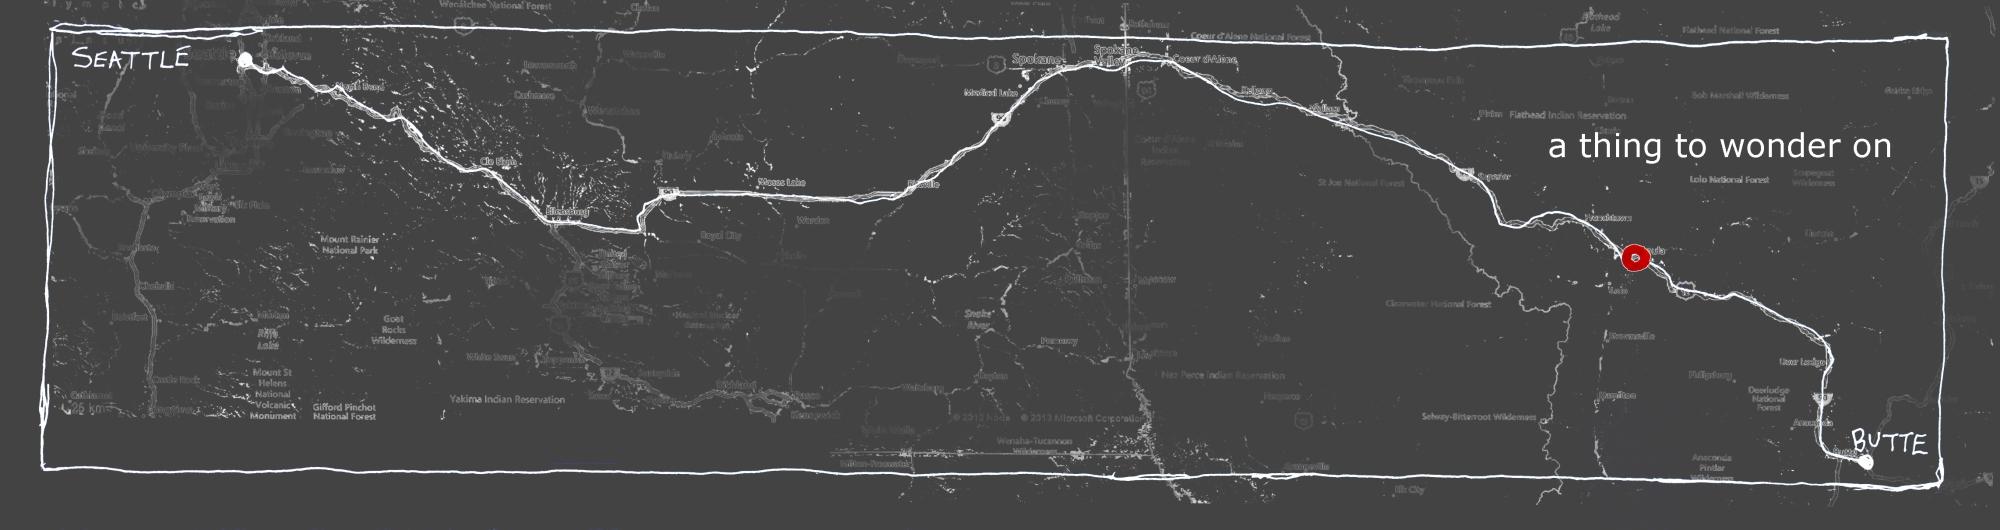 387 map